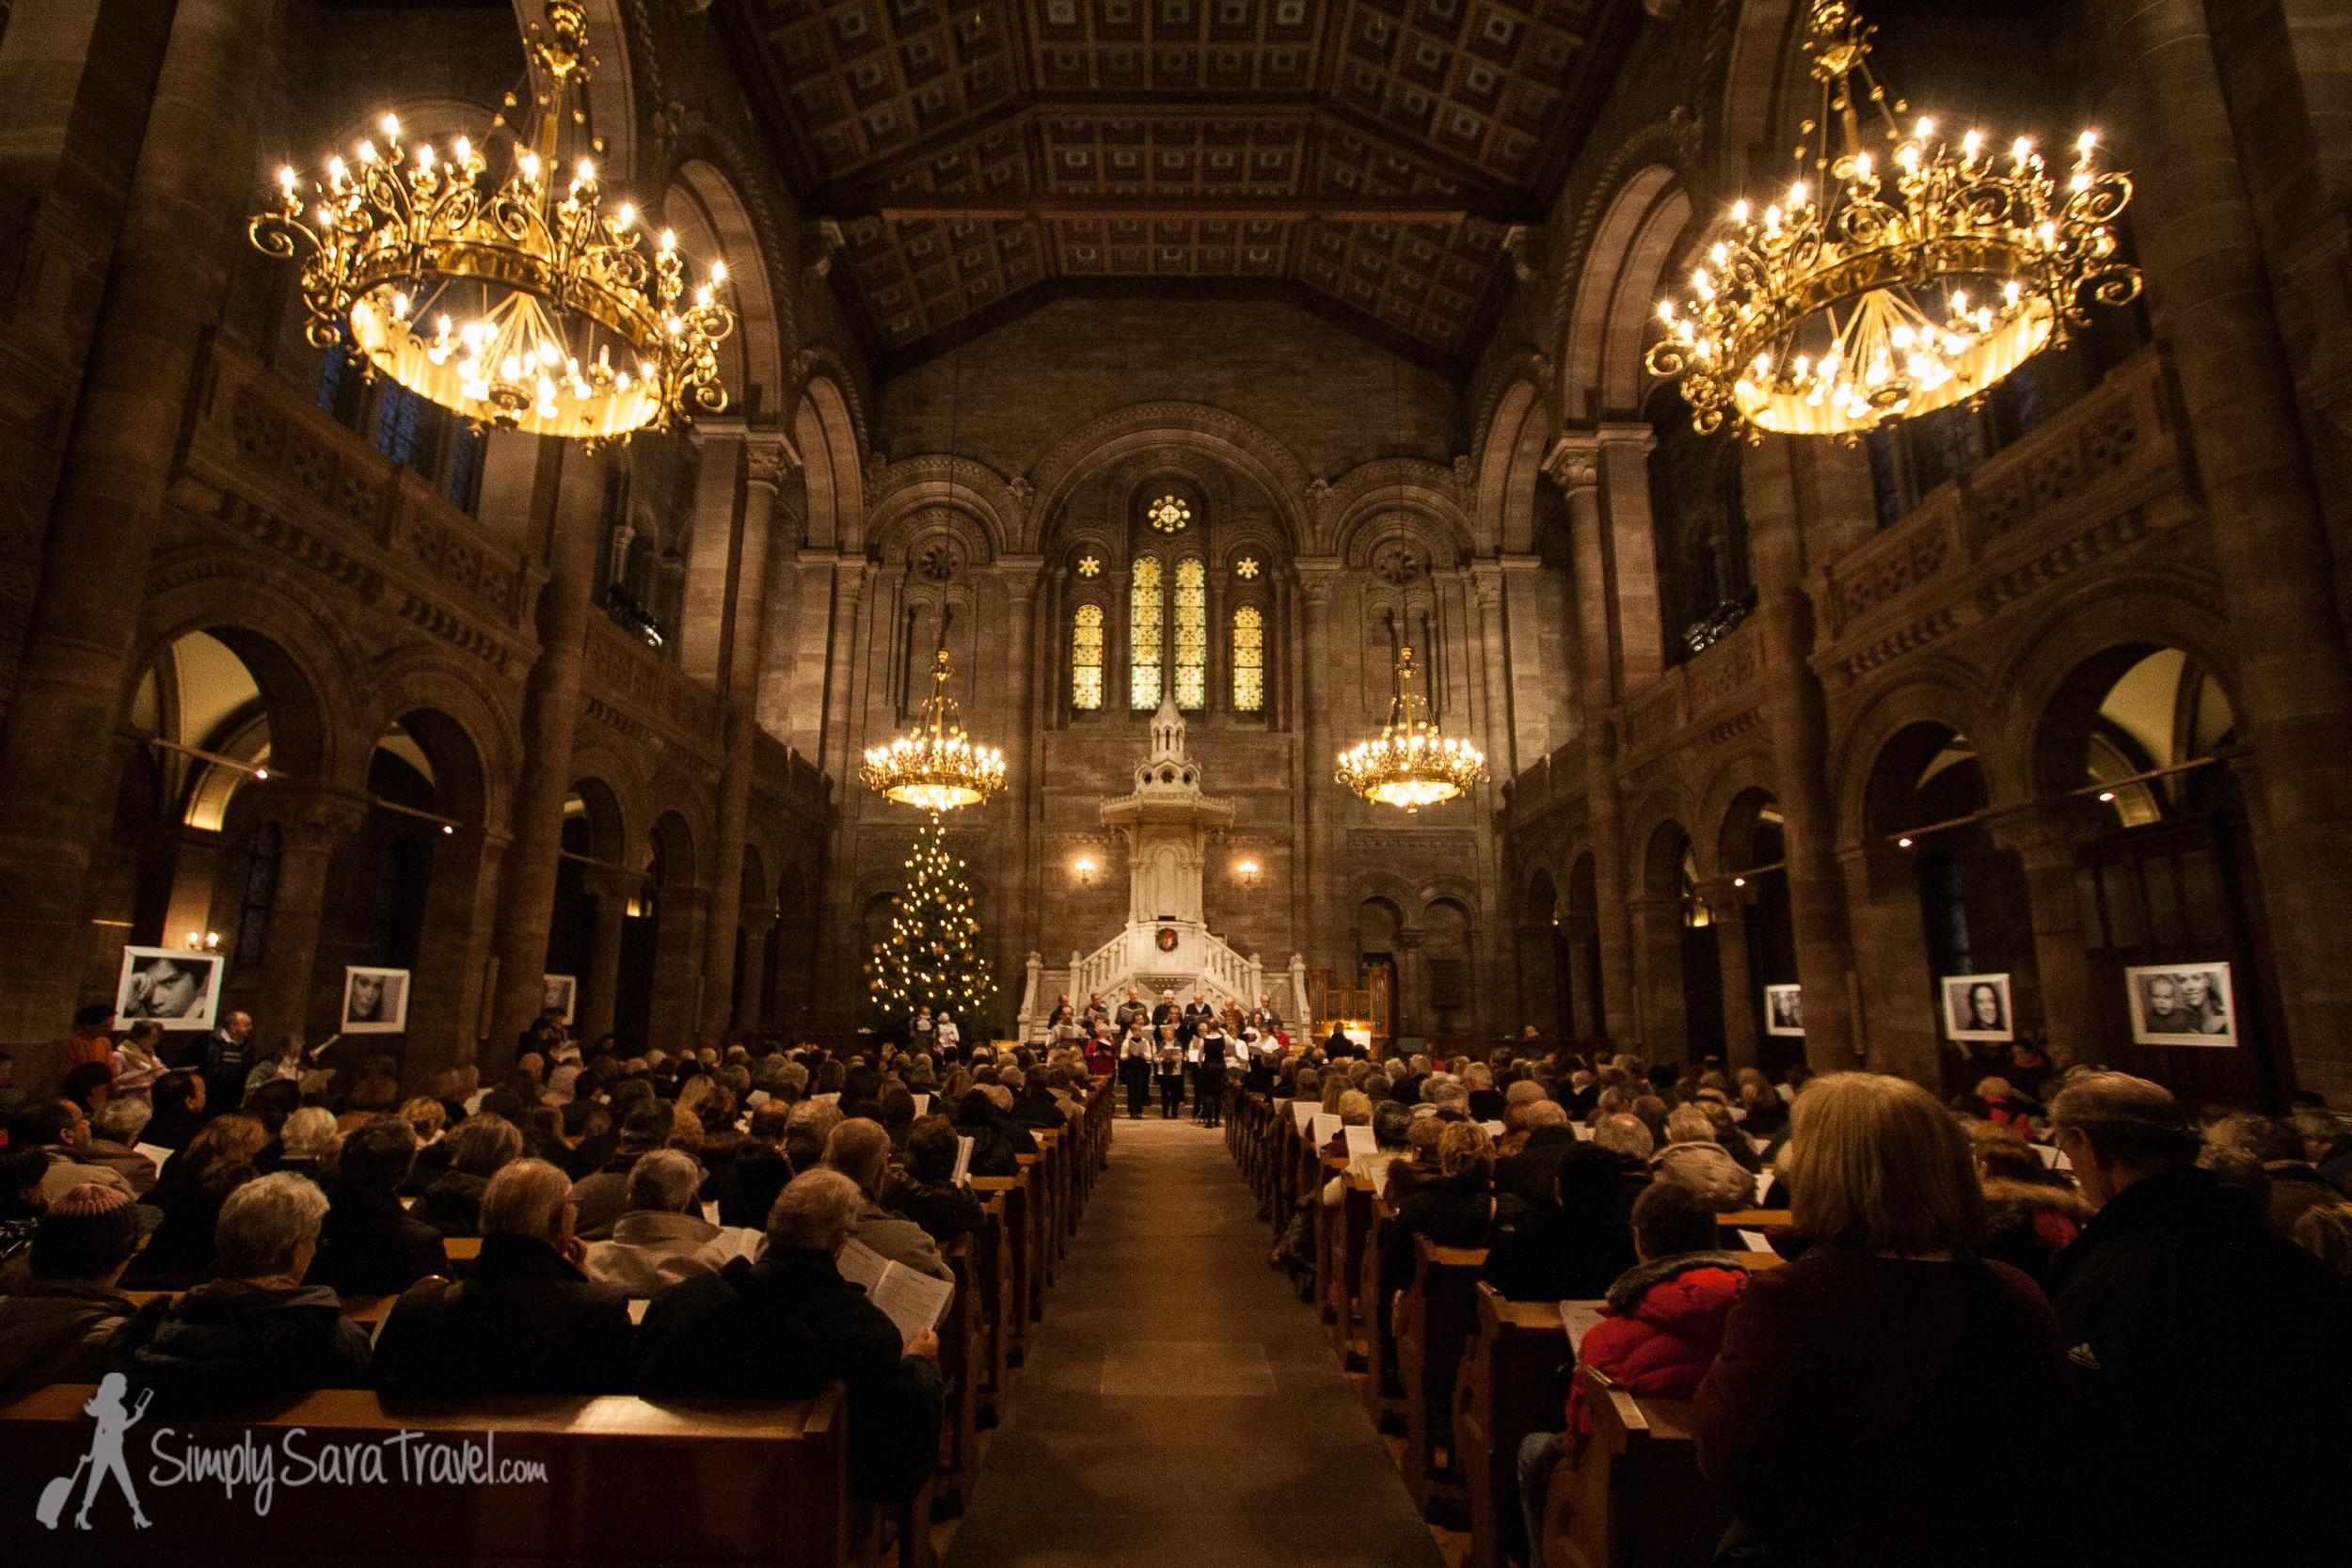 Inside the Eglise du Temple Neuf